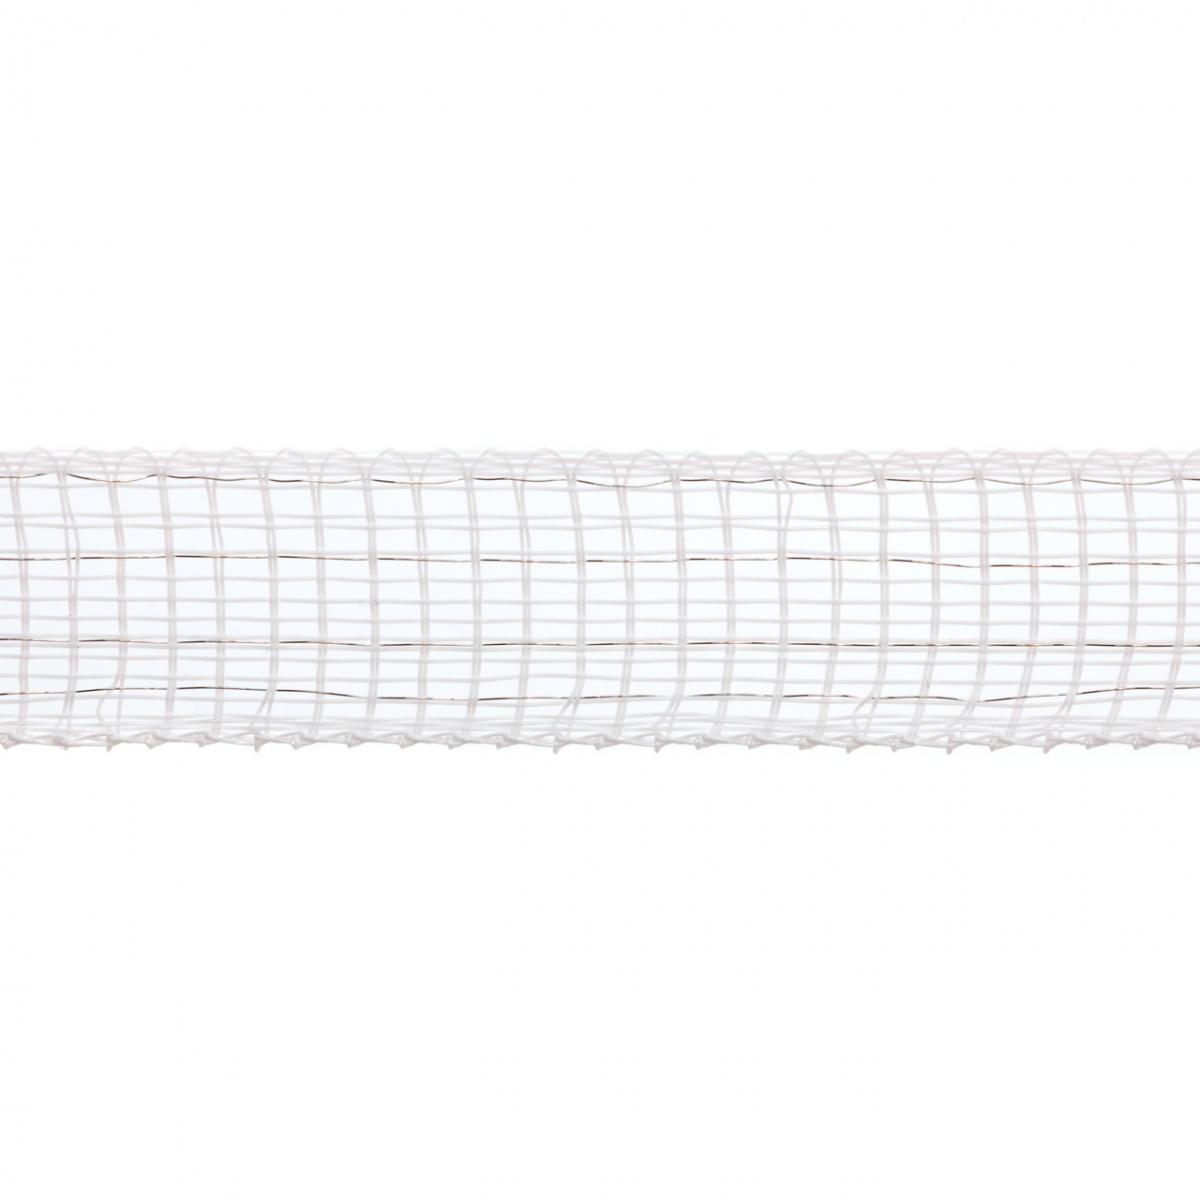 Villanypásztor szalag - 20mm - 200m - 90kg - 9Ω/m